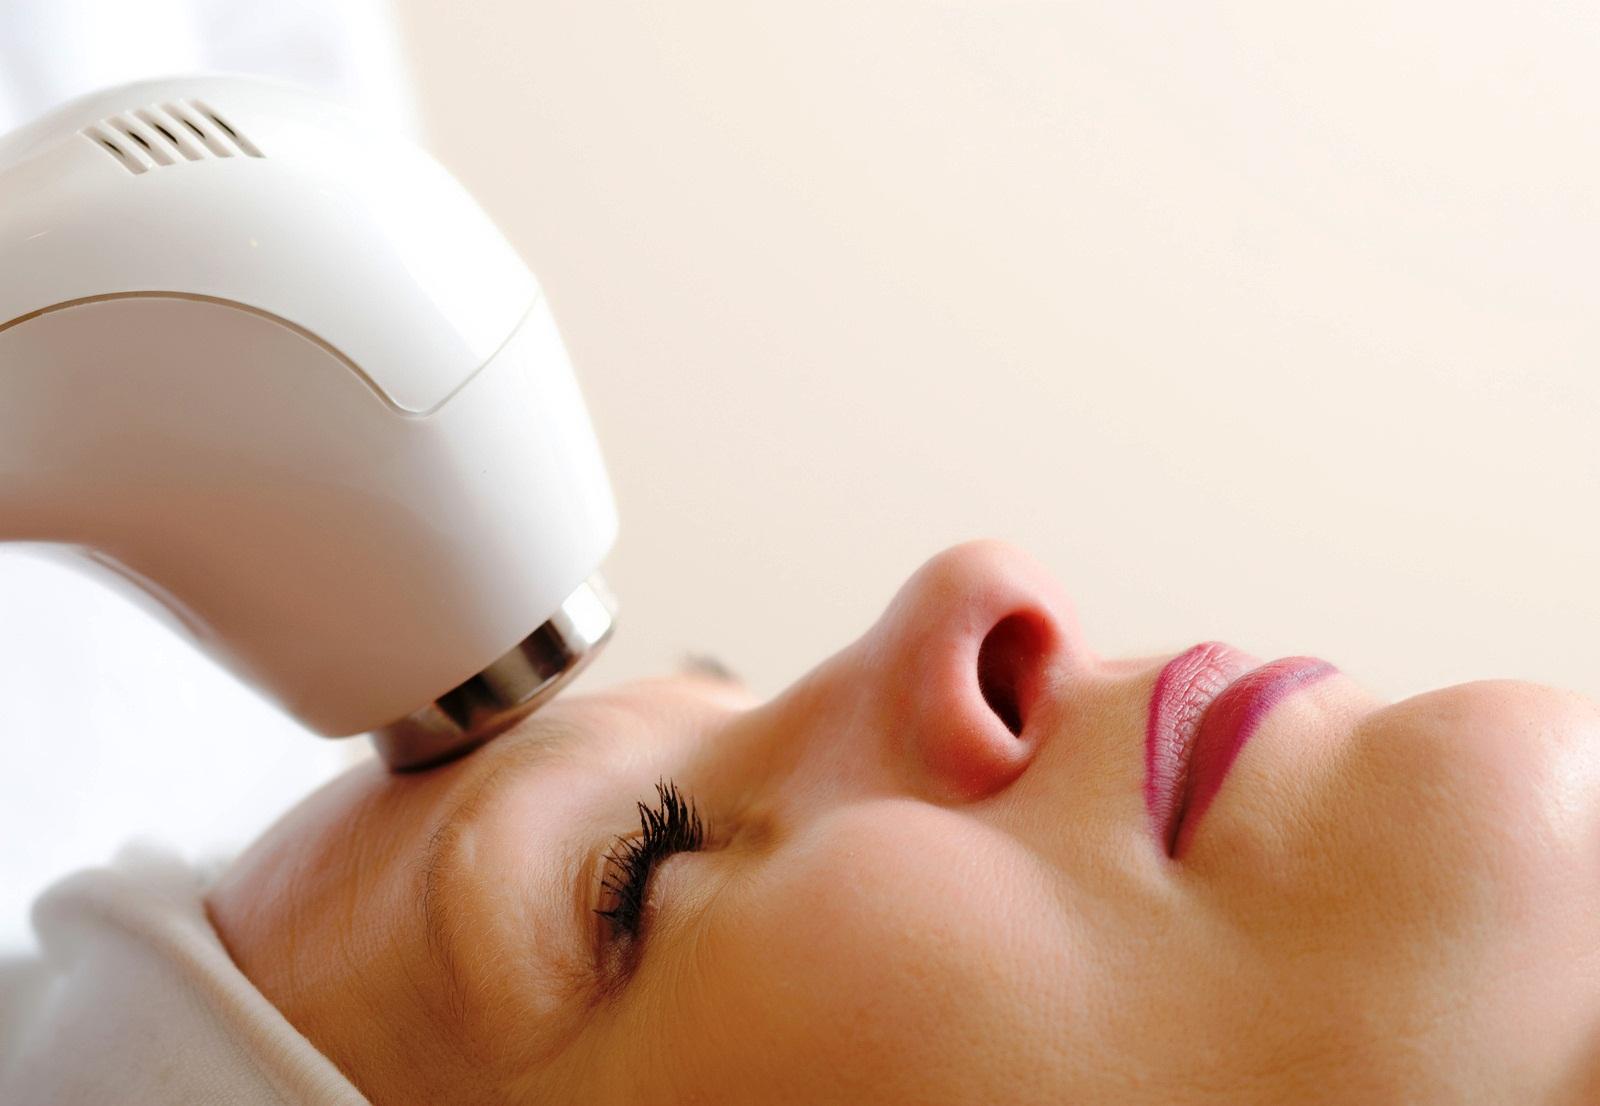 Лифтинг - красивая внешность без операции в косметологической клинике